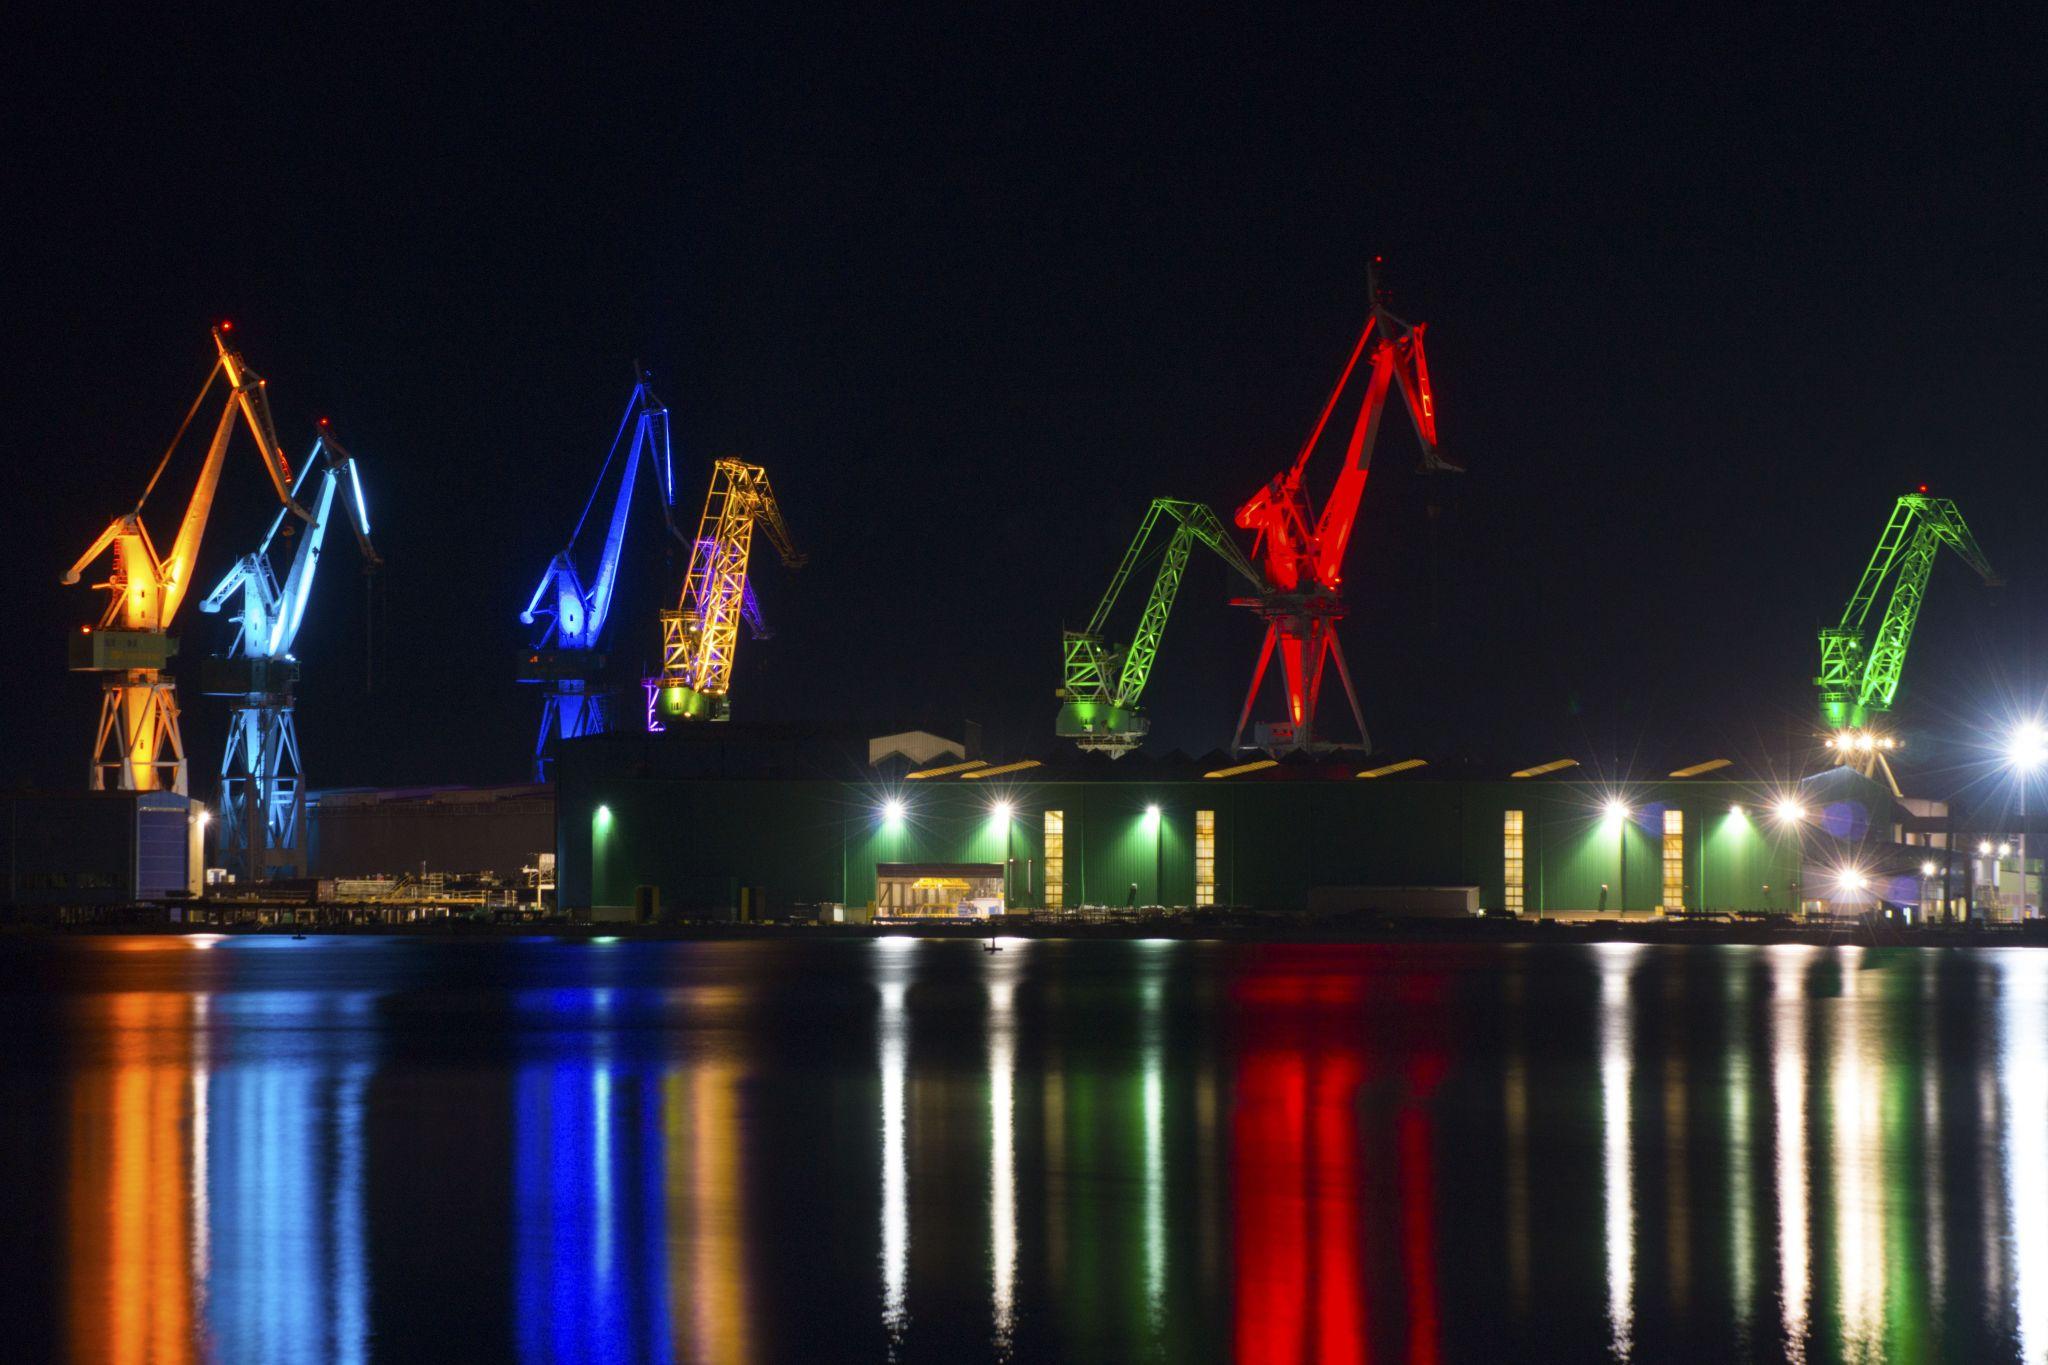 Lighting giants, Croatia